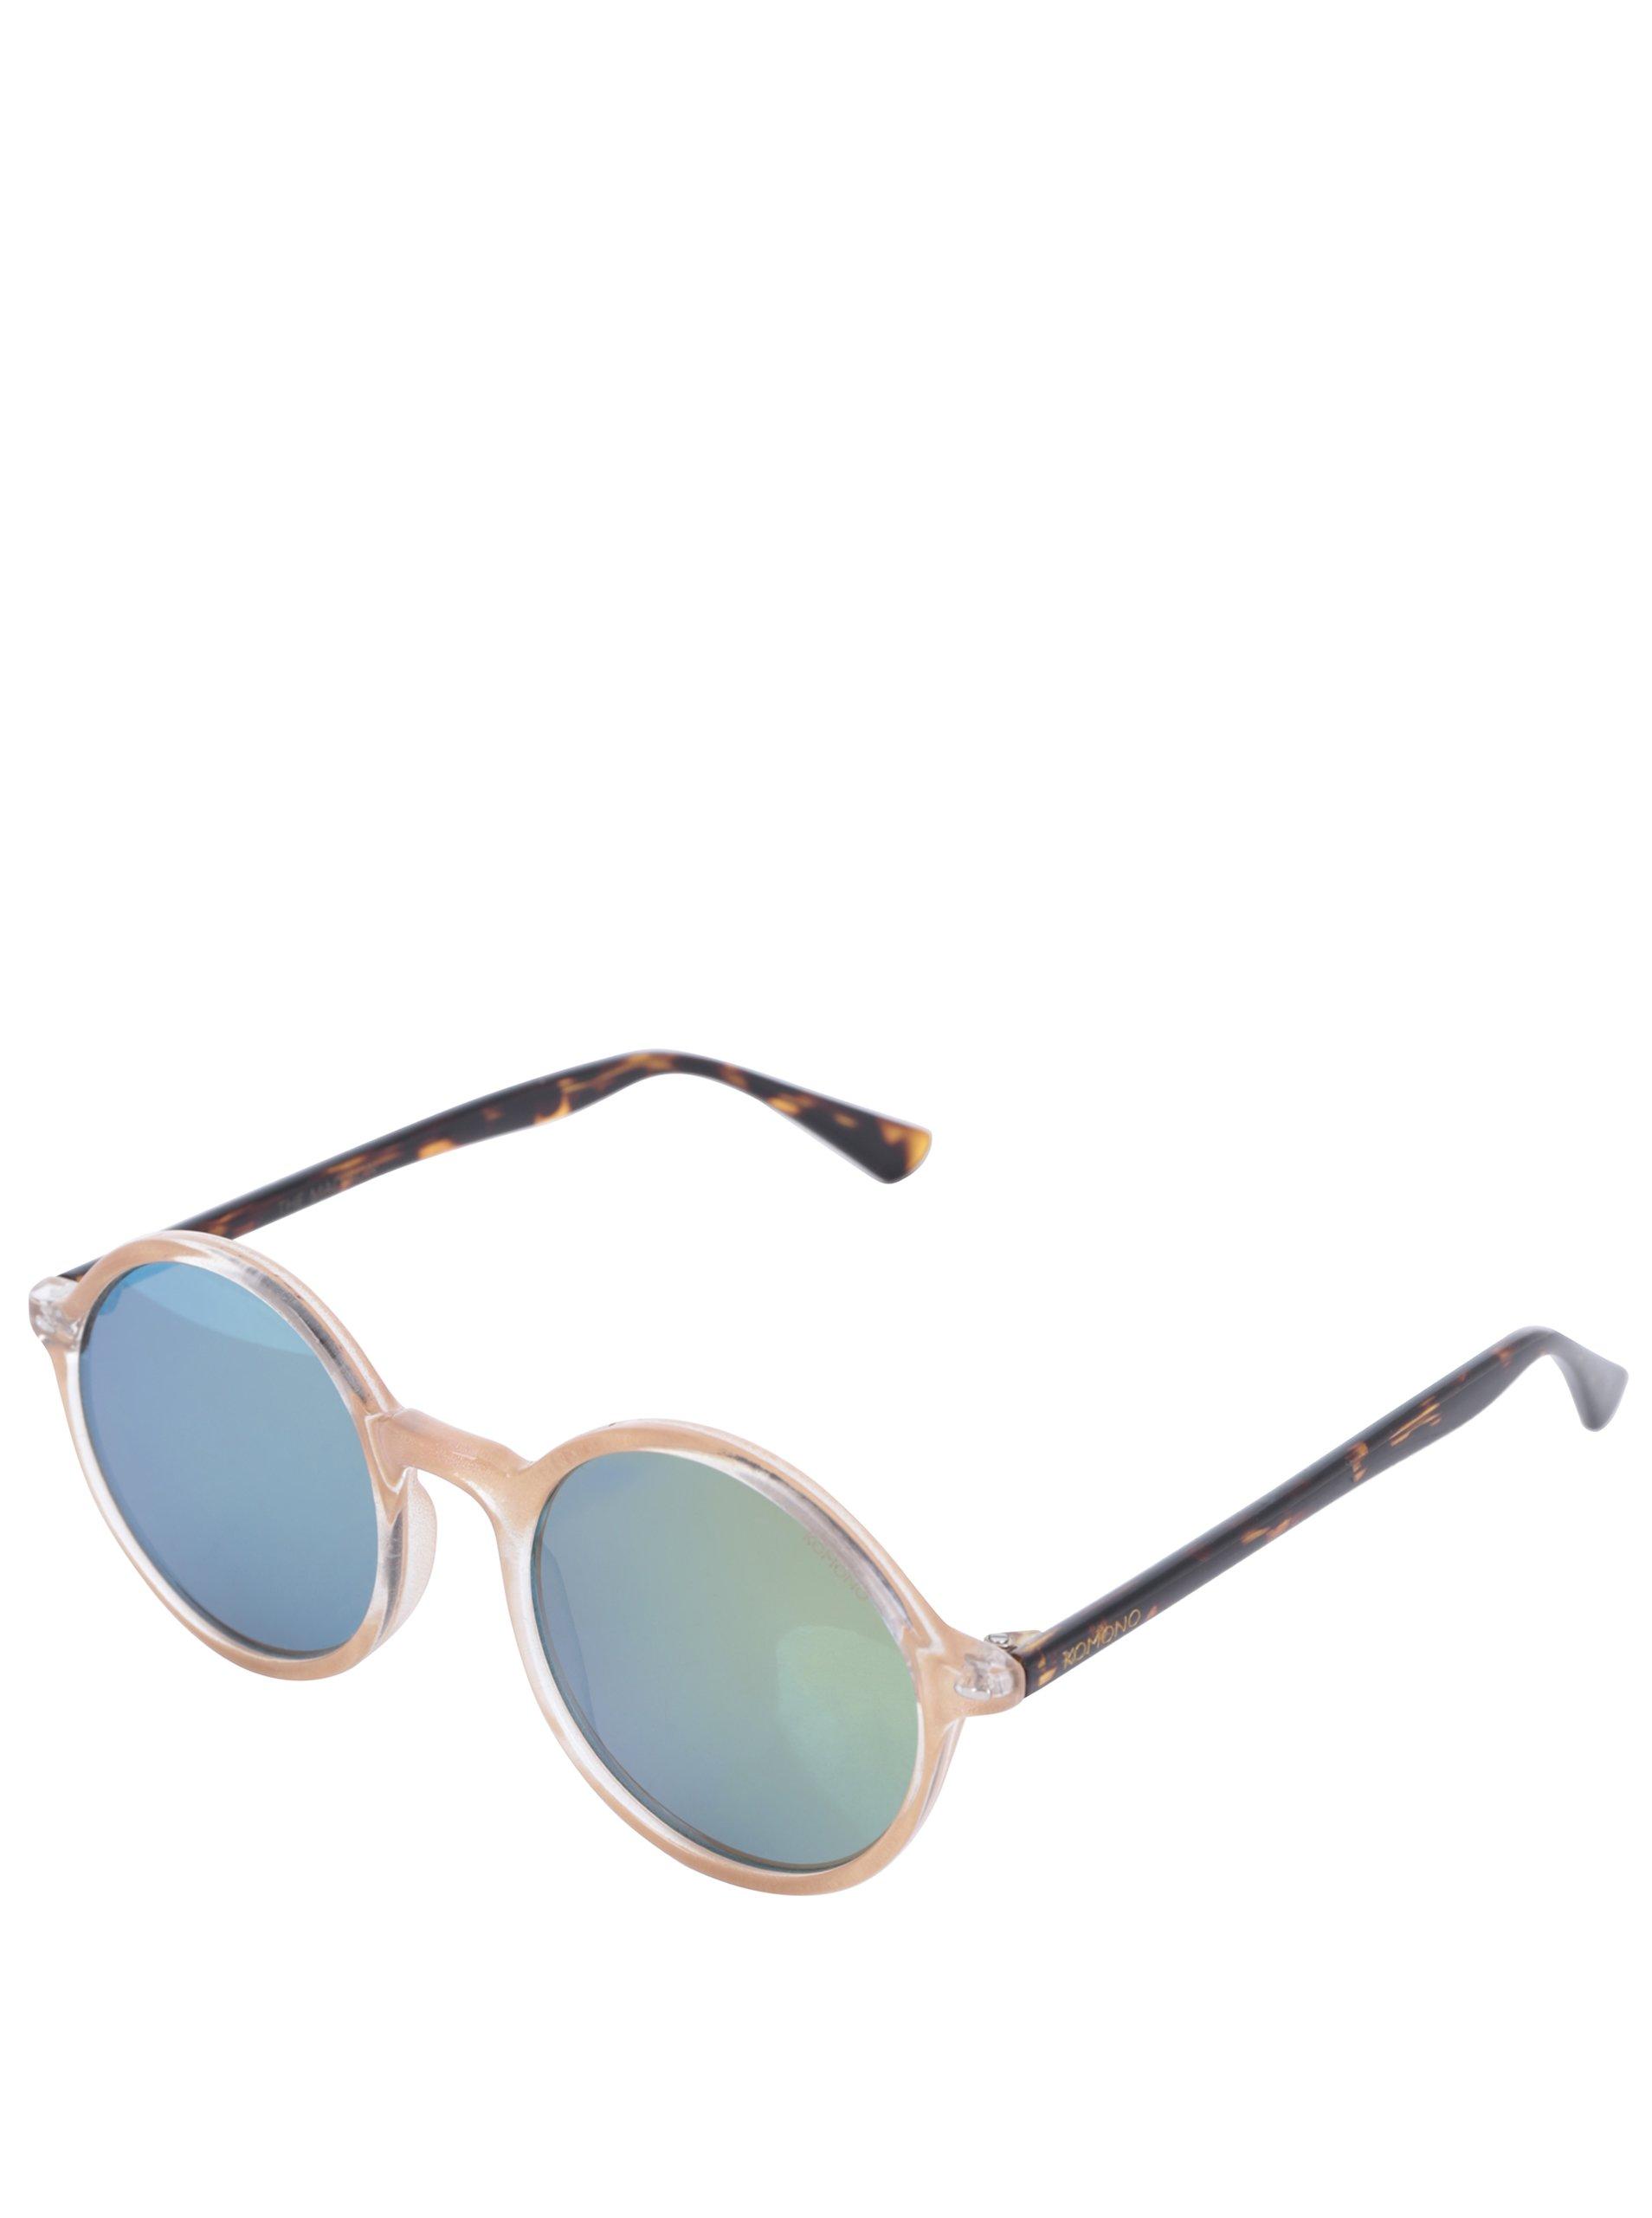 Béžové unisex kulaté sluneční brýle Komono Madison